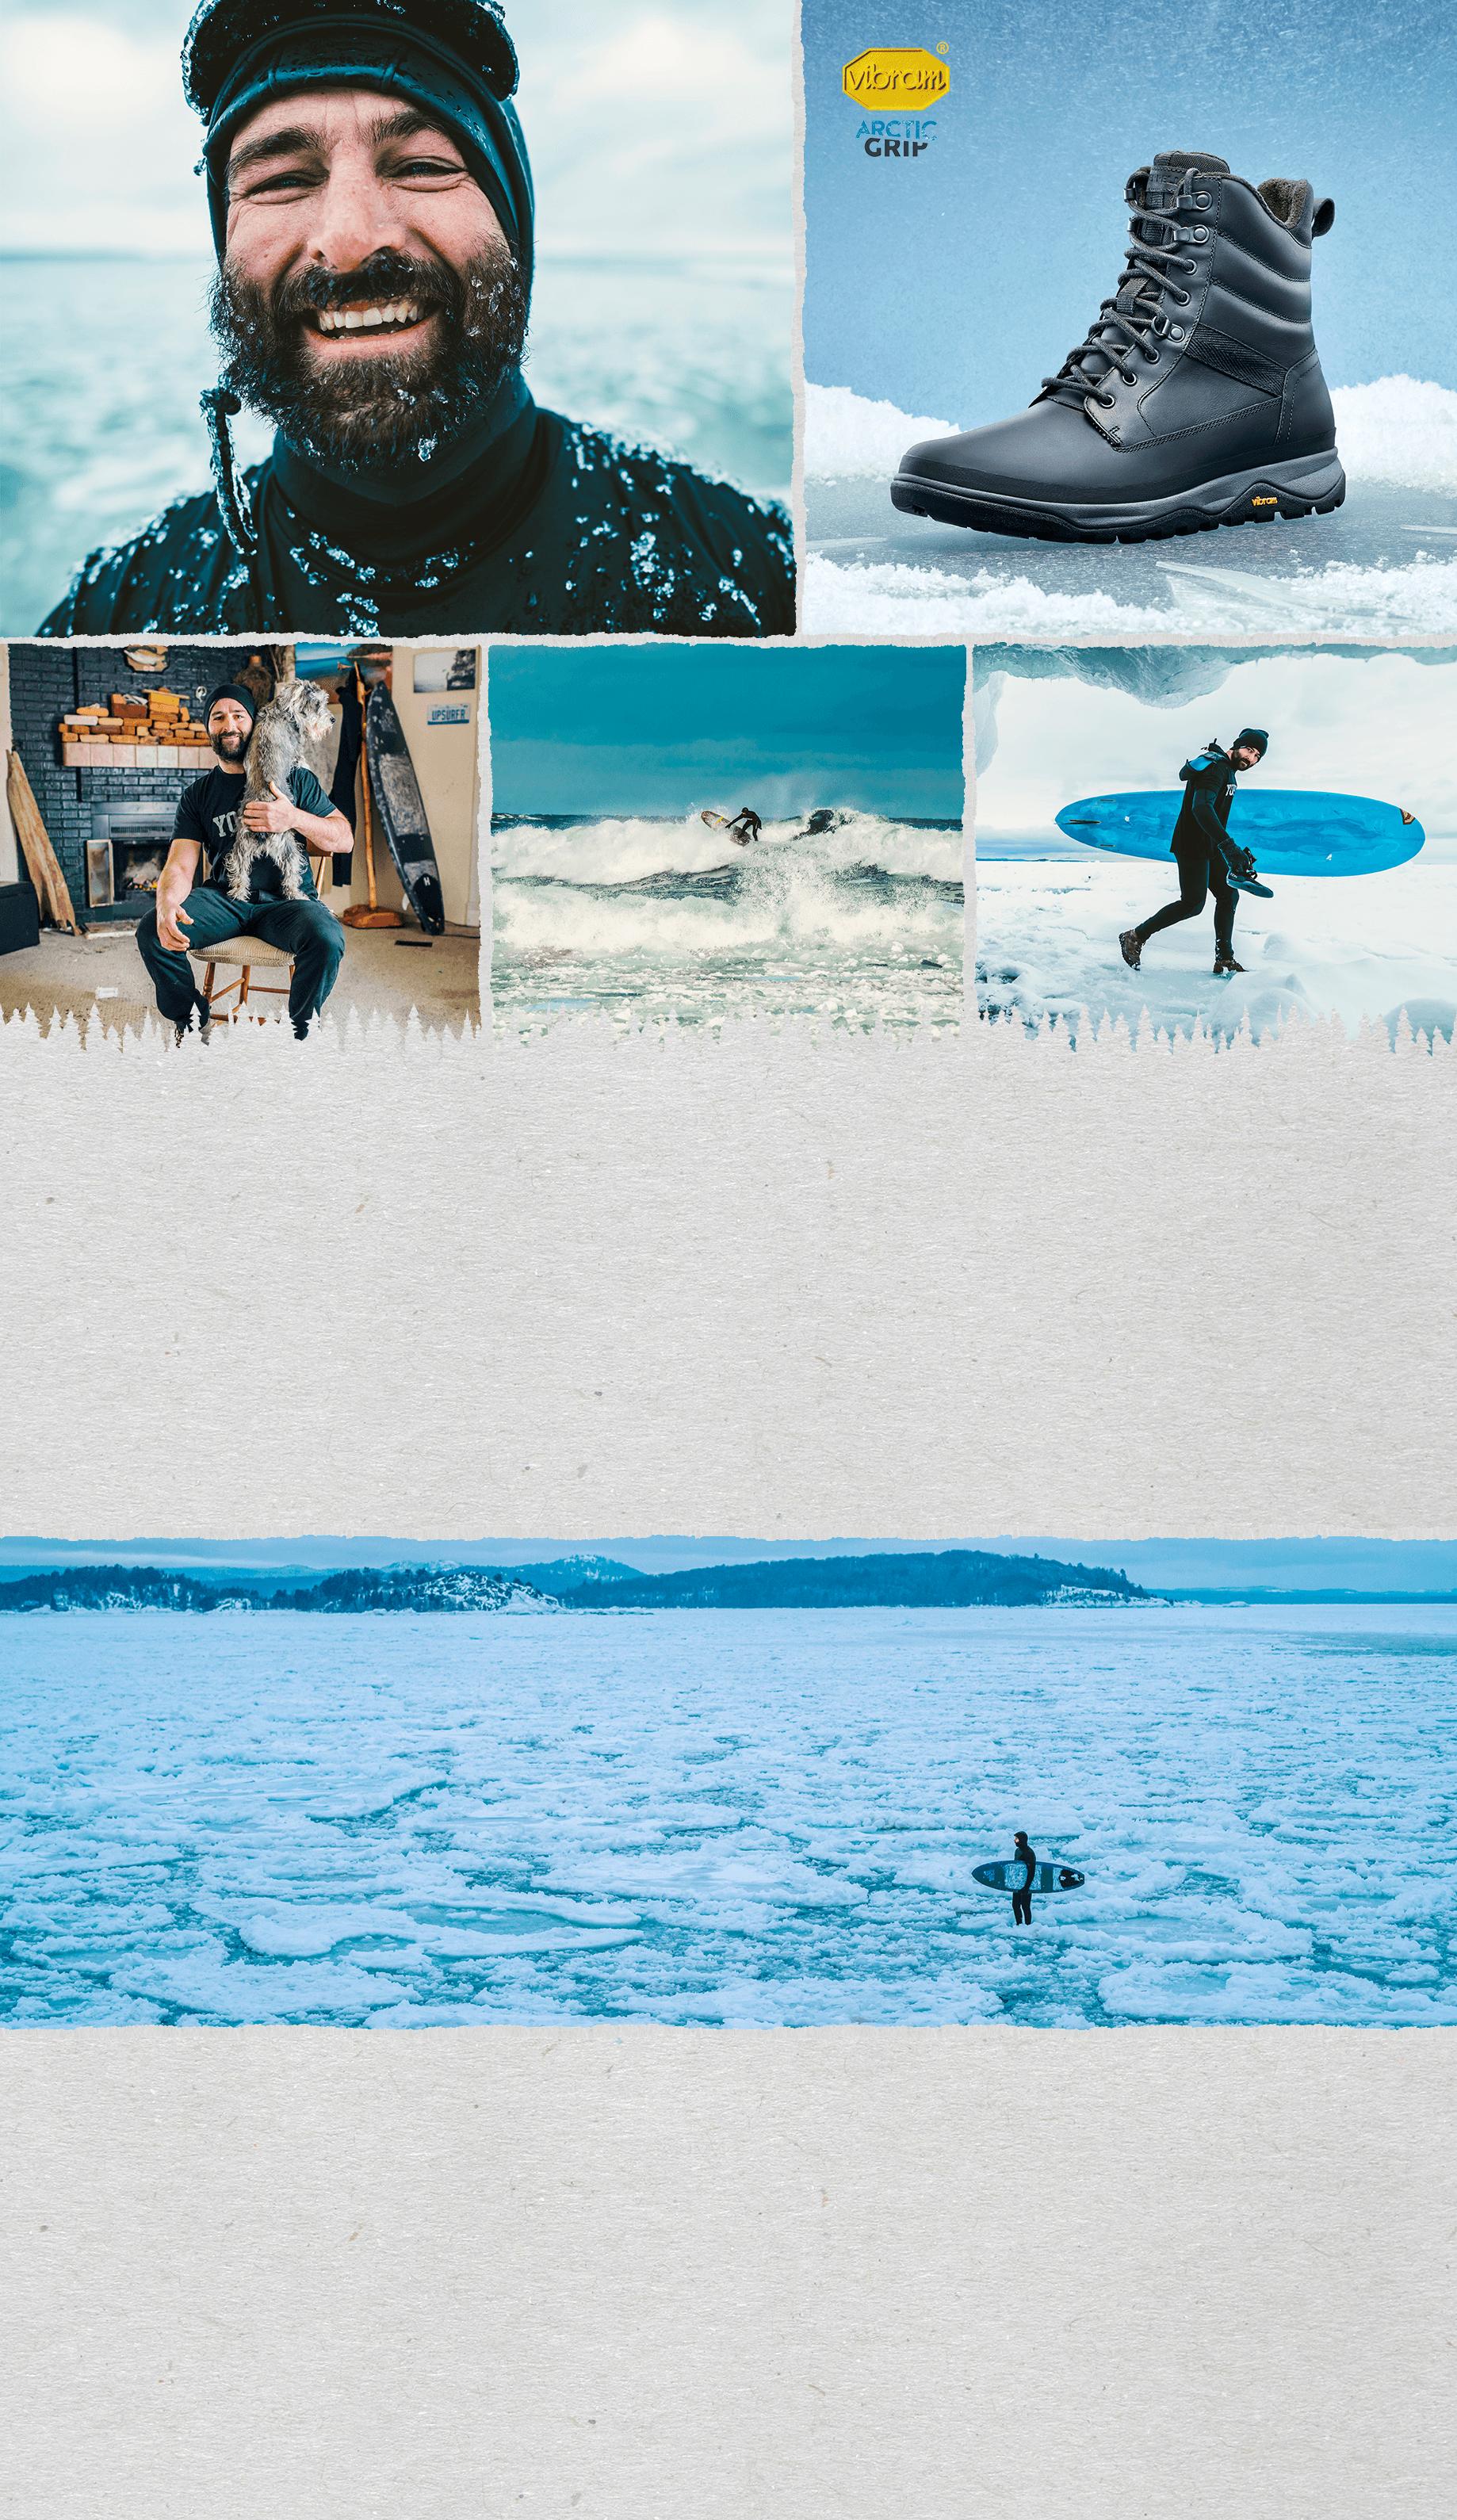 Surfer Dan